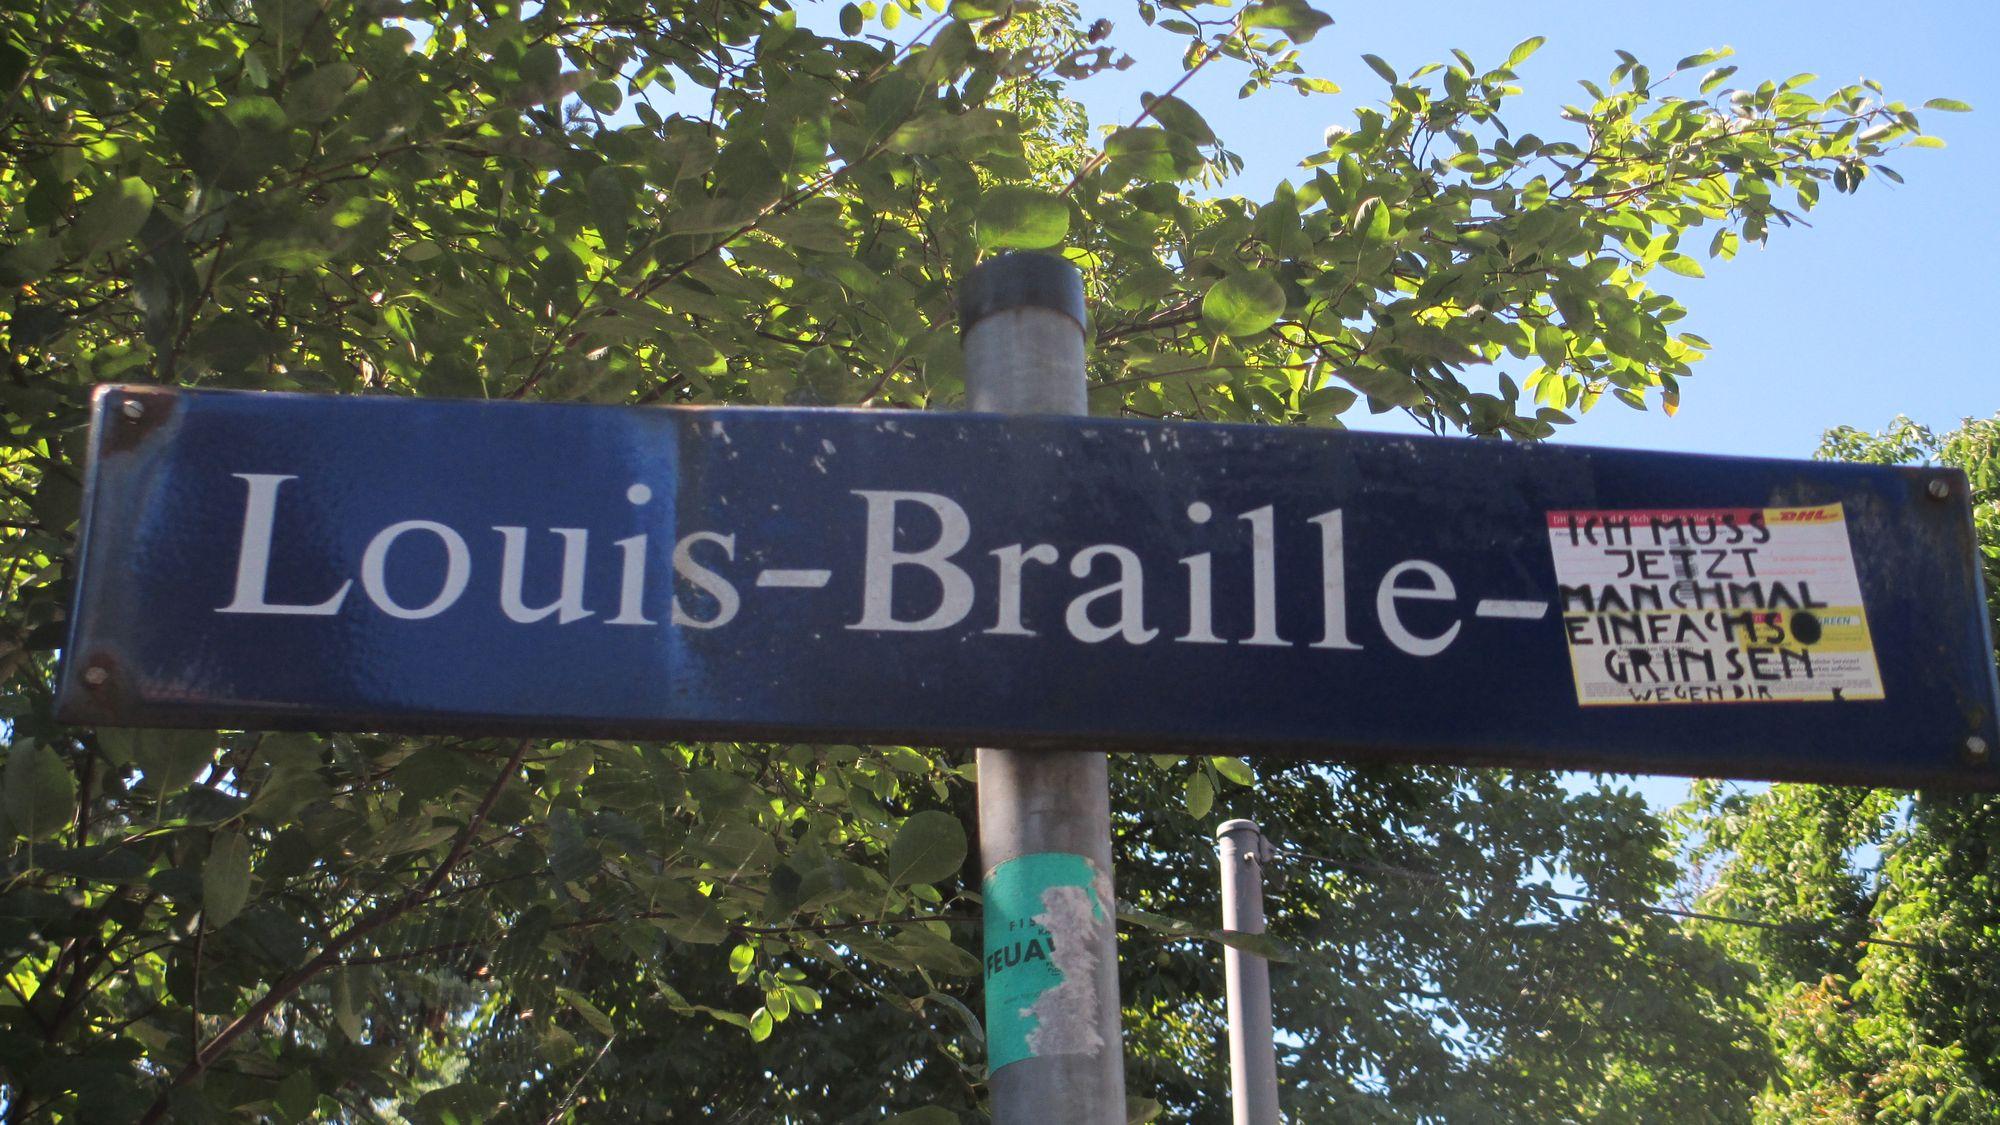 Louis-Braille-Straßenschild